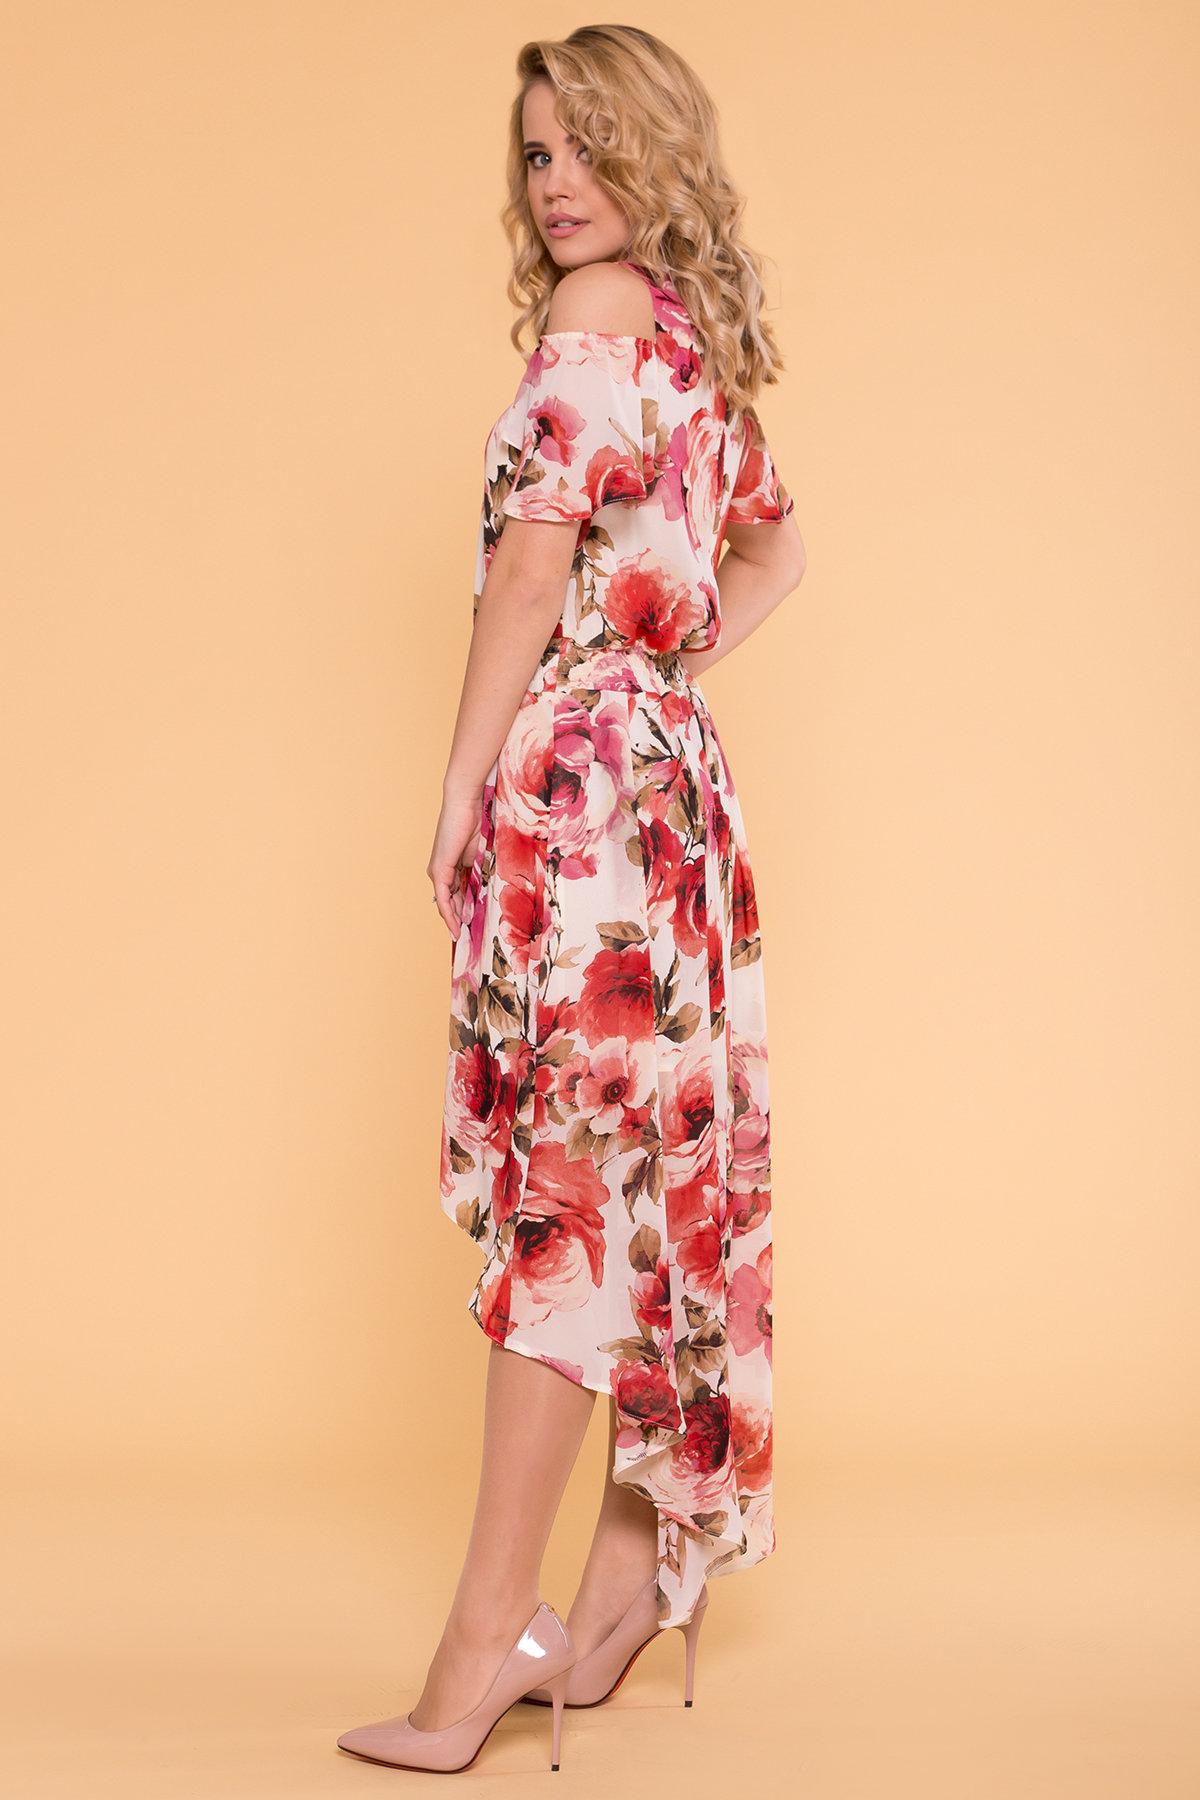 Платье Фрезия 5072 АРТ. 42003 Цвет: Розы молоко/коралл - фото 4, интернет магазин tm-modus.ru